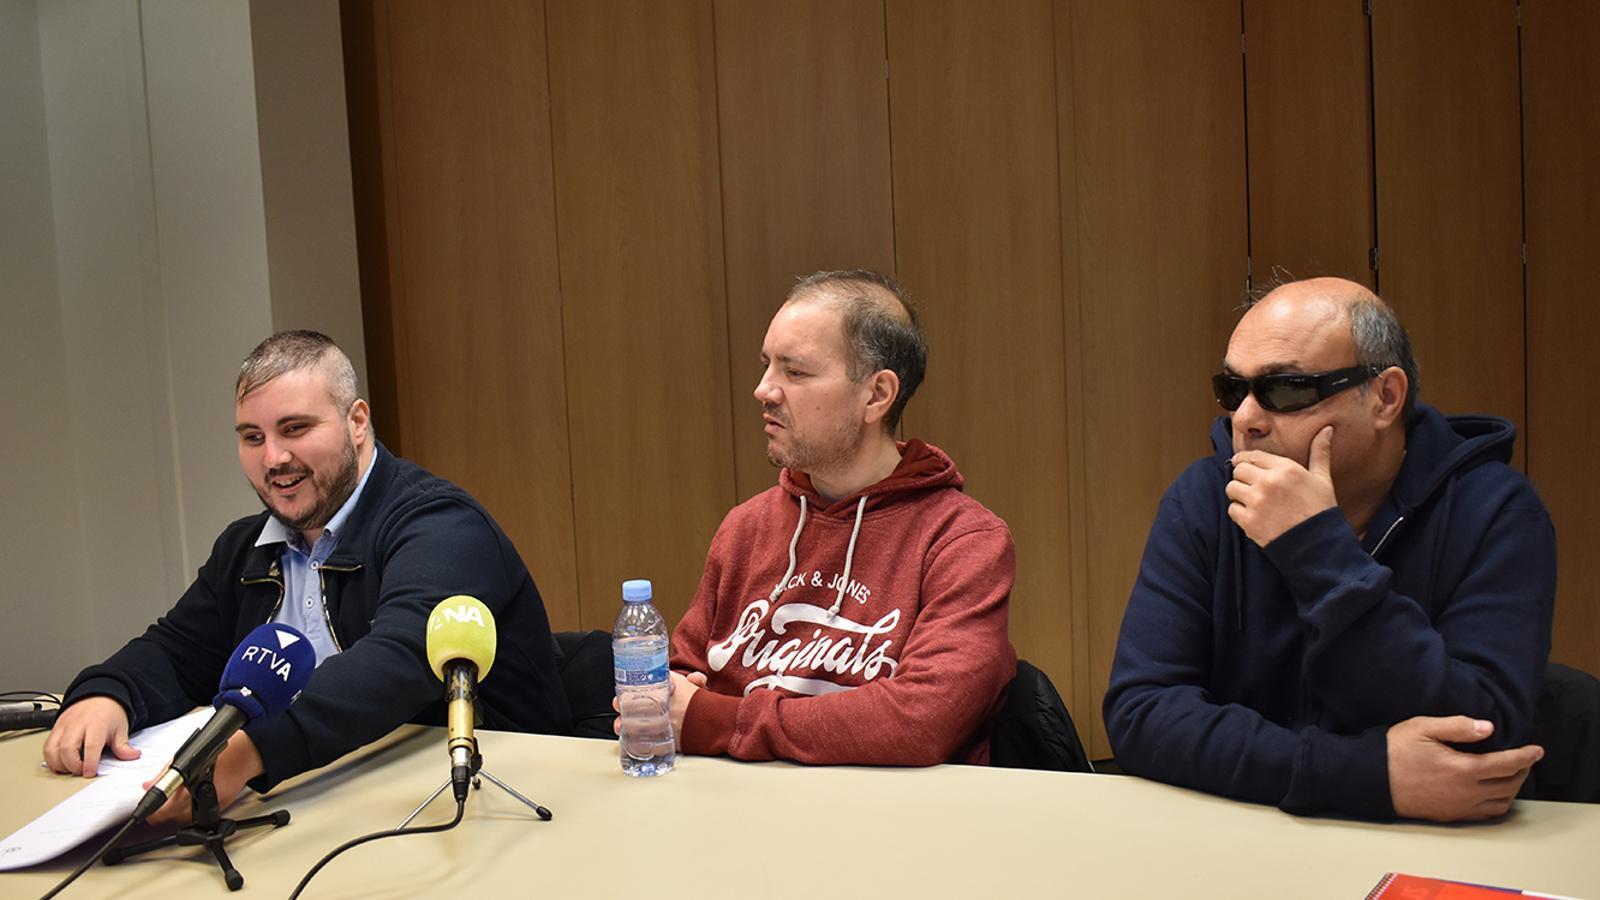 El president de l'Associació de Discapacitats Visuals i Auditius d'Andorra, Marc Latorre; el vicepresident segon, David Latorre, i el tresorer, Jordi Casellas, durant la roda de premsa de presentació de l'entitat. / M. F. (ANA)